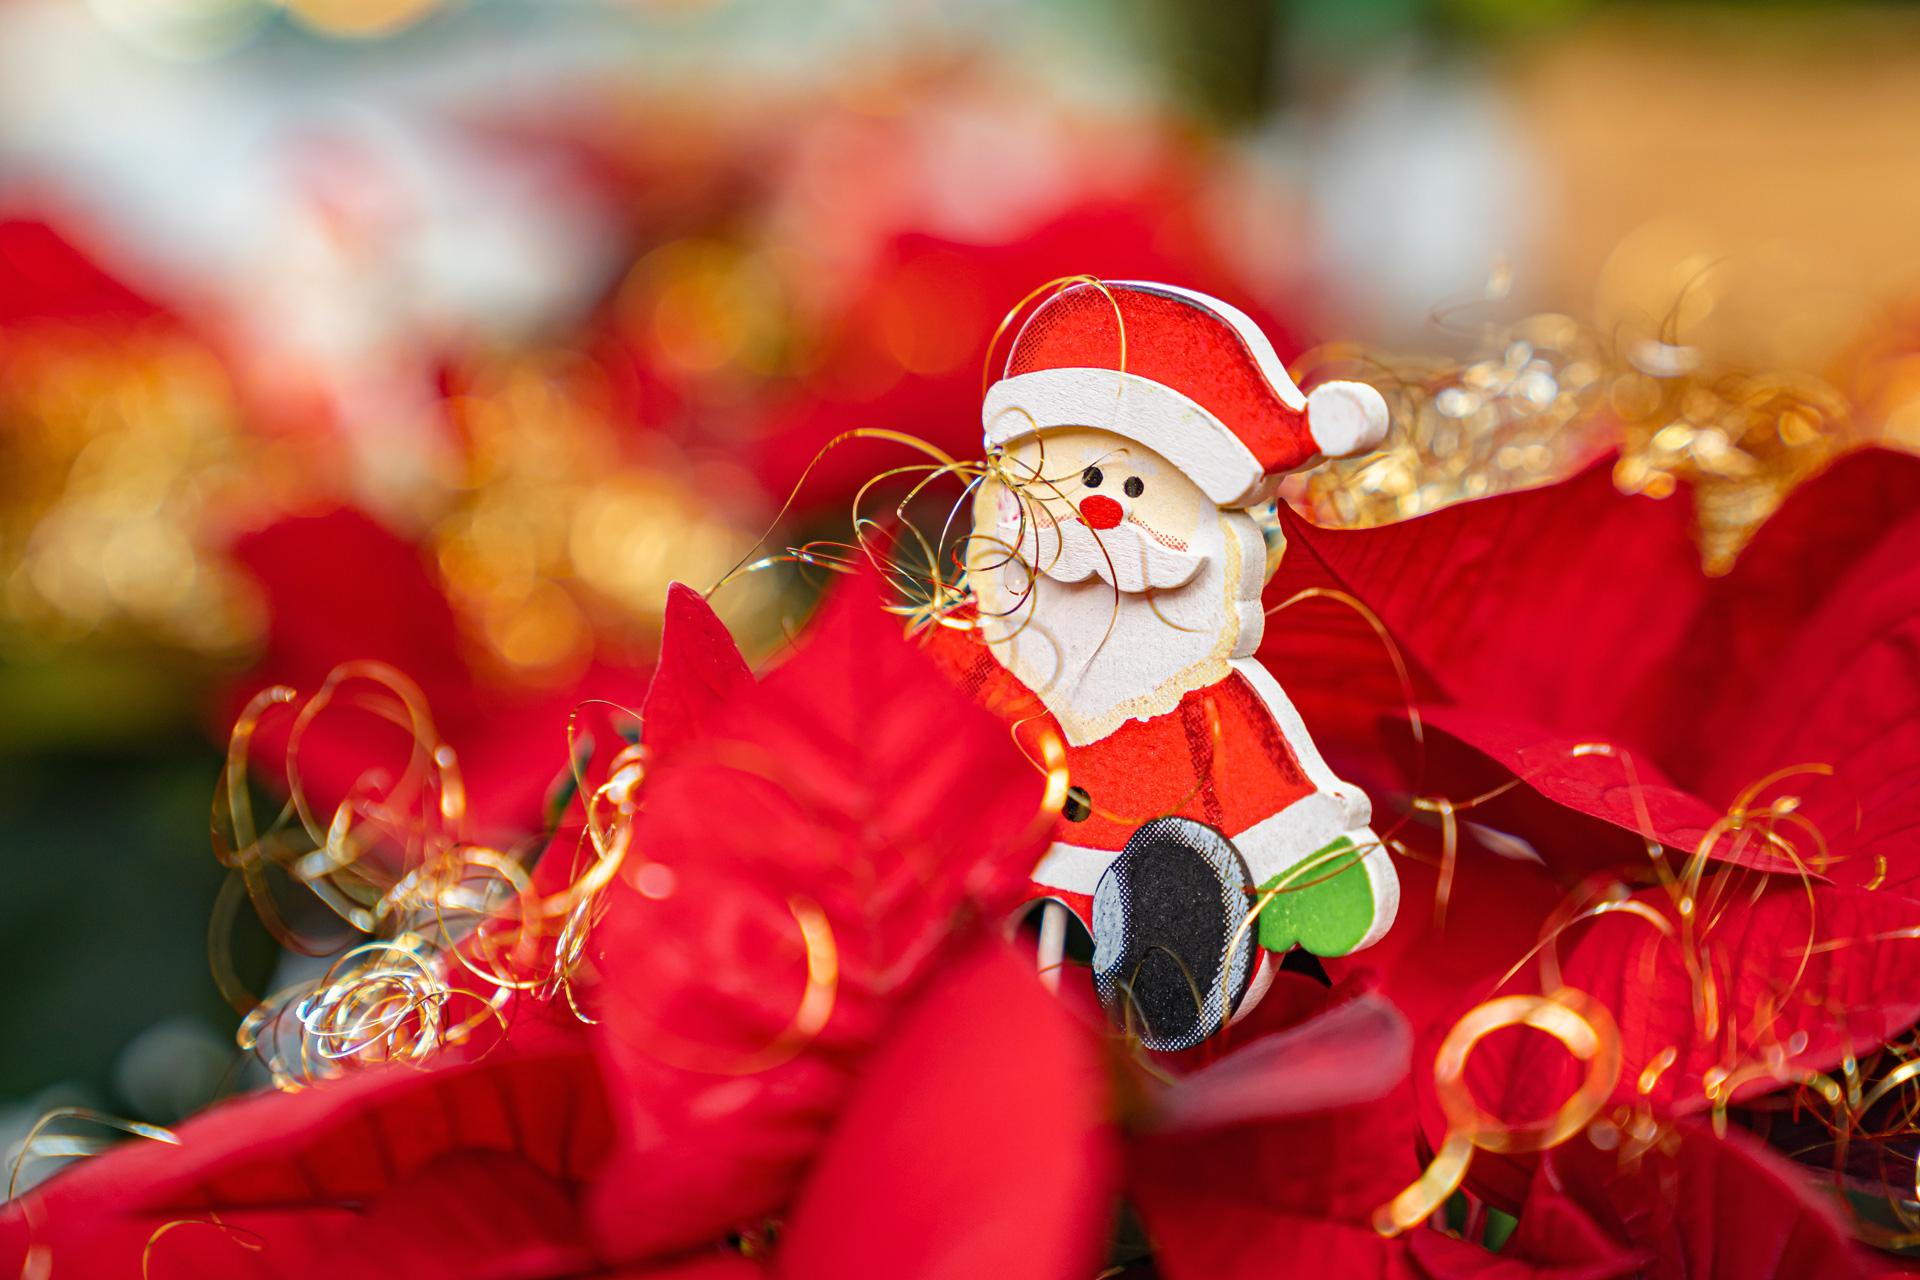 Farbenfrohe Adventsdeko mit Weihnachtsstern